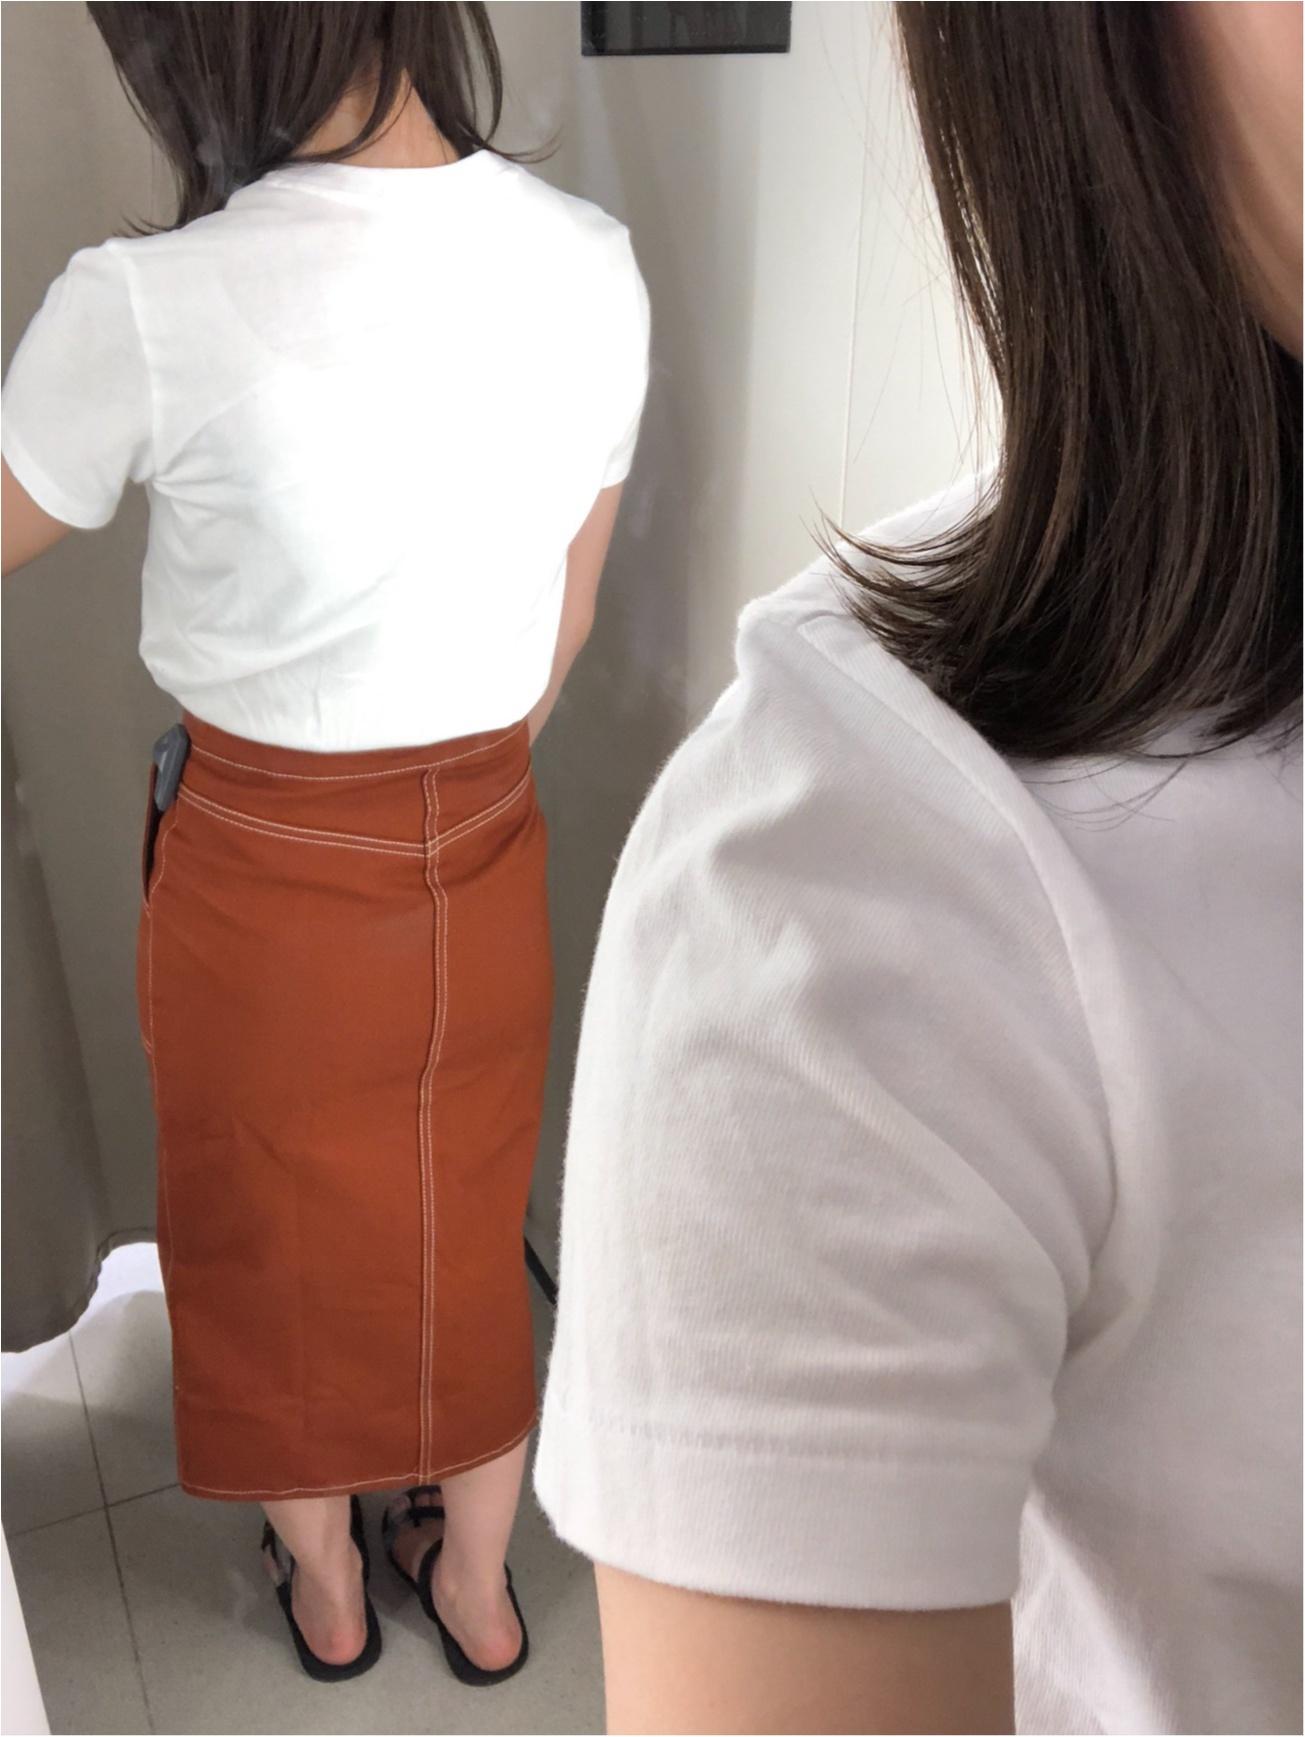 《ZARA》で秋支度!秋にたっぷり使えるスカートが可愛い!_3